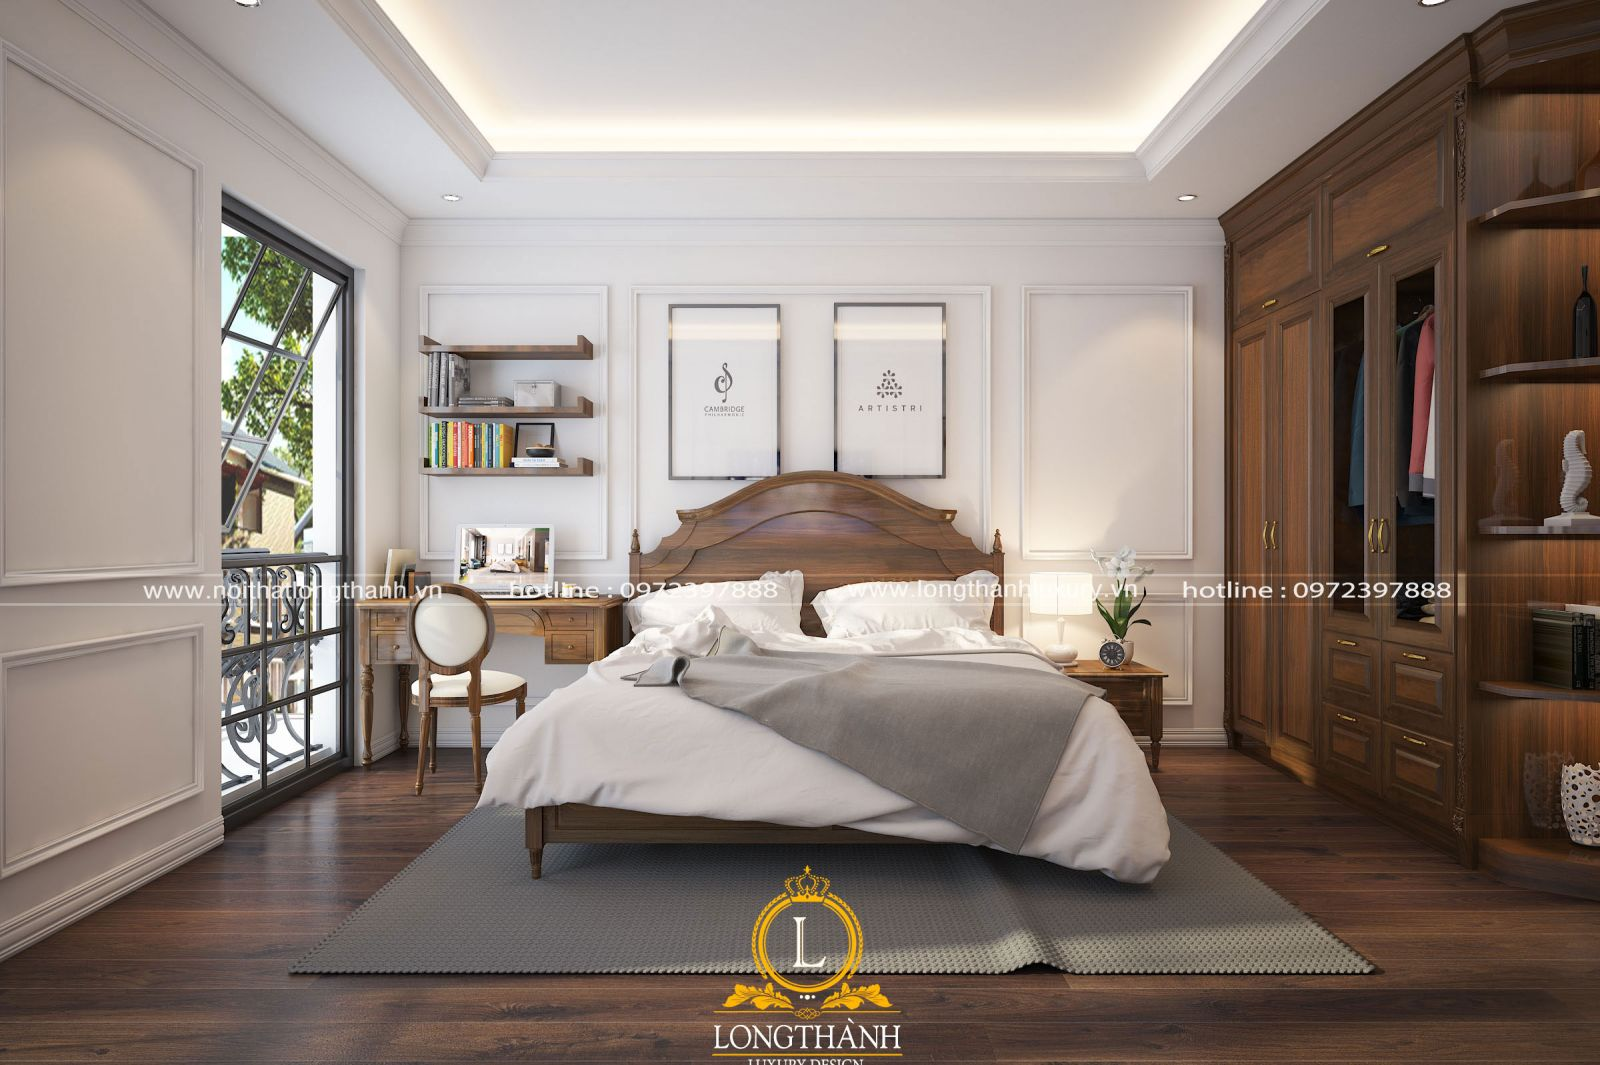 Mẫu phòng ngủ hiện đại, độc đáo dành cho người độc thân